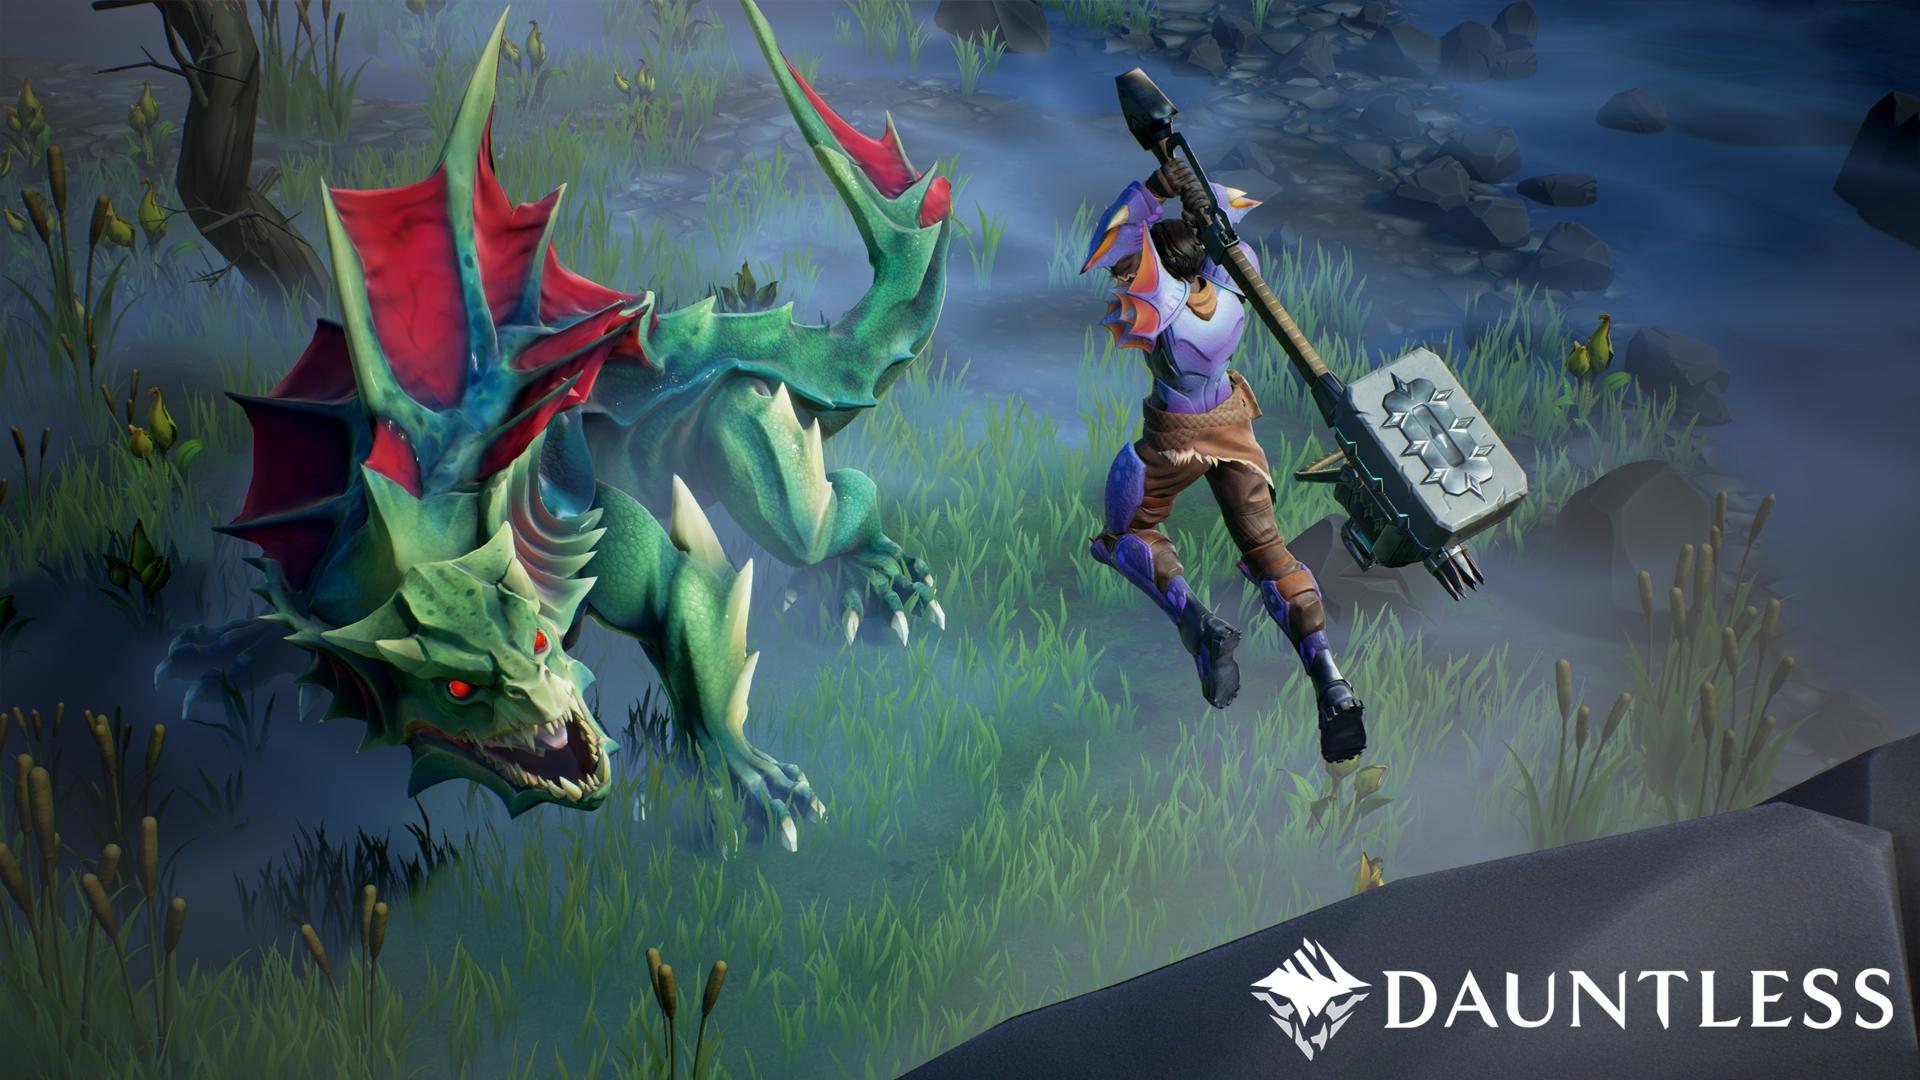 Dauntless: Phoenix Labs aposta em um novo conceito de RPG cooperativo